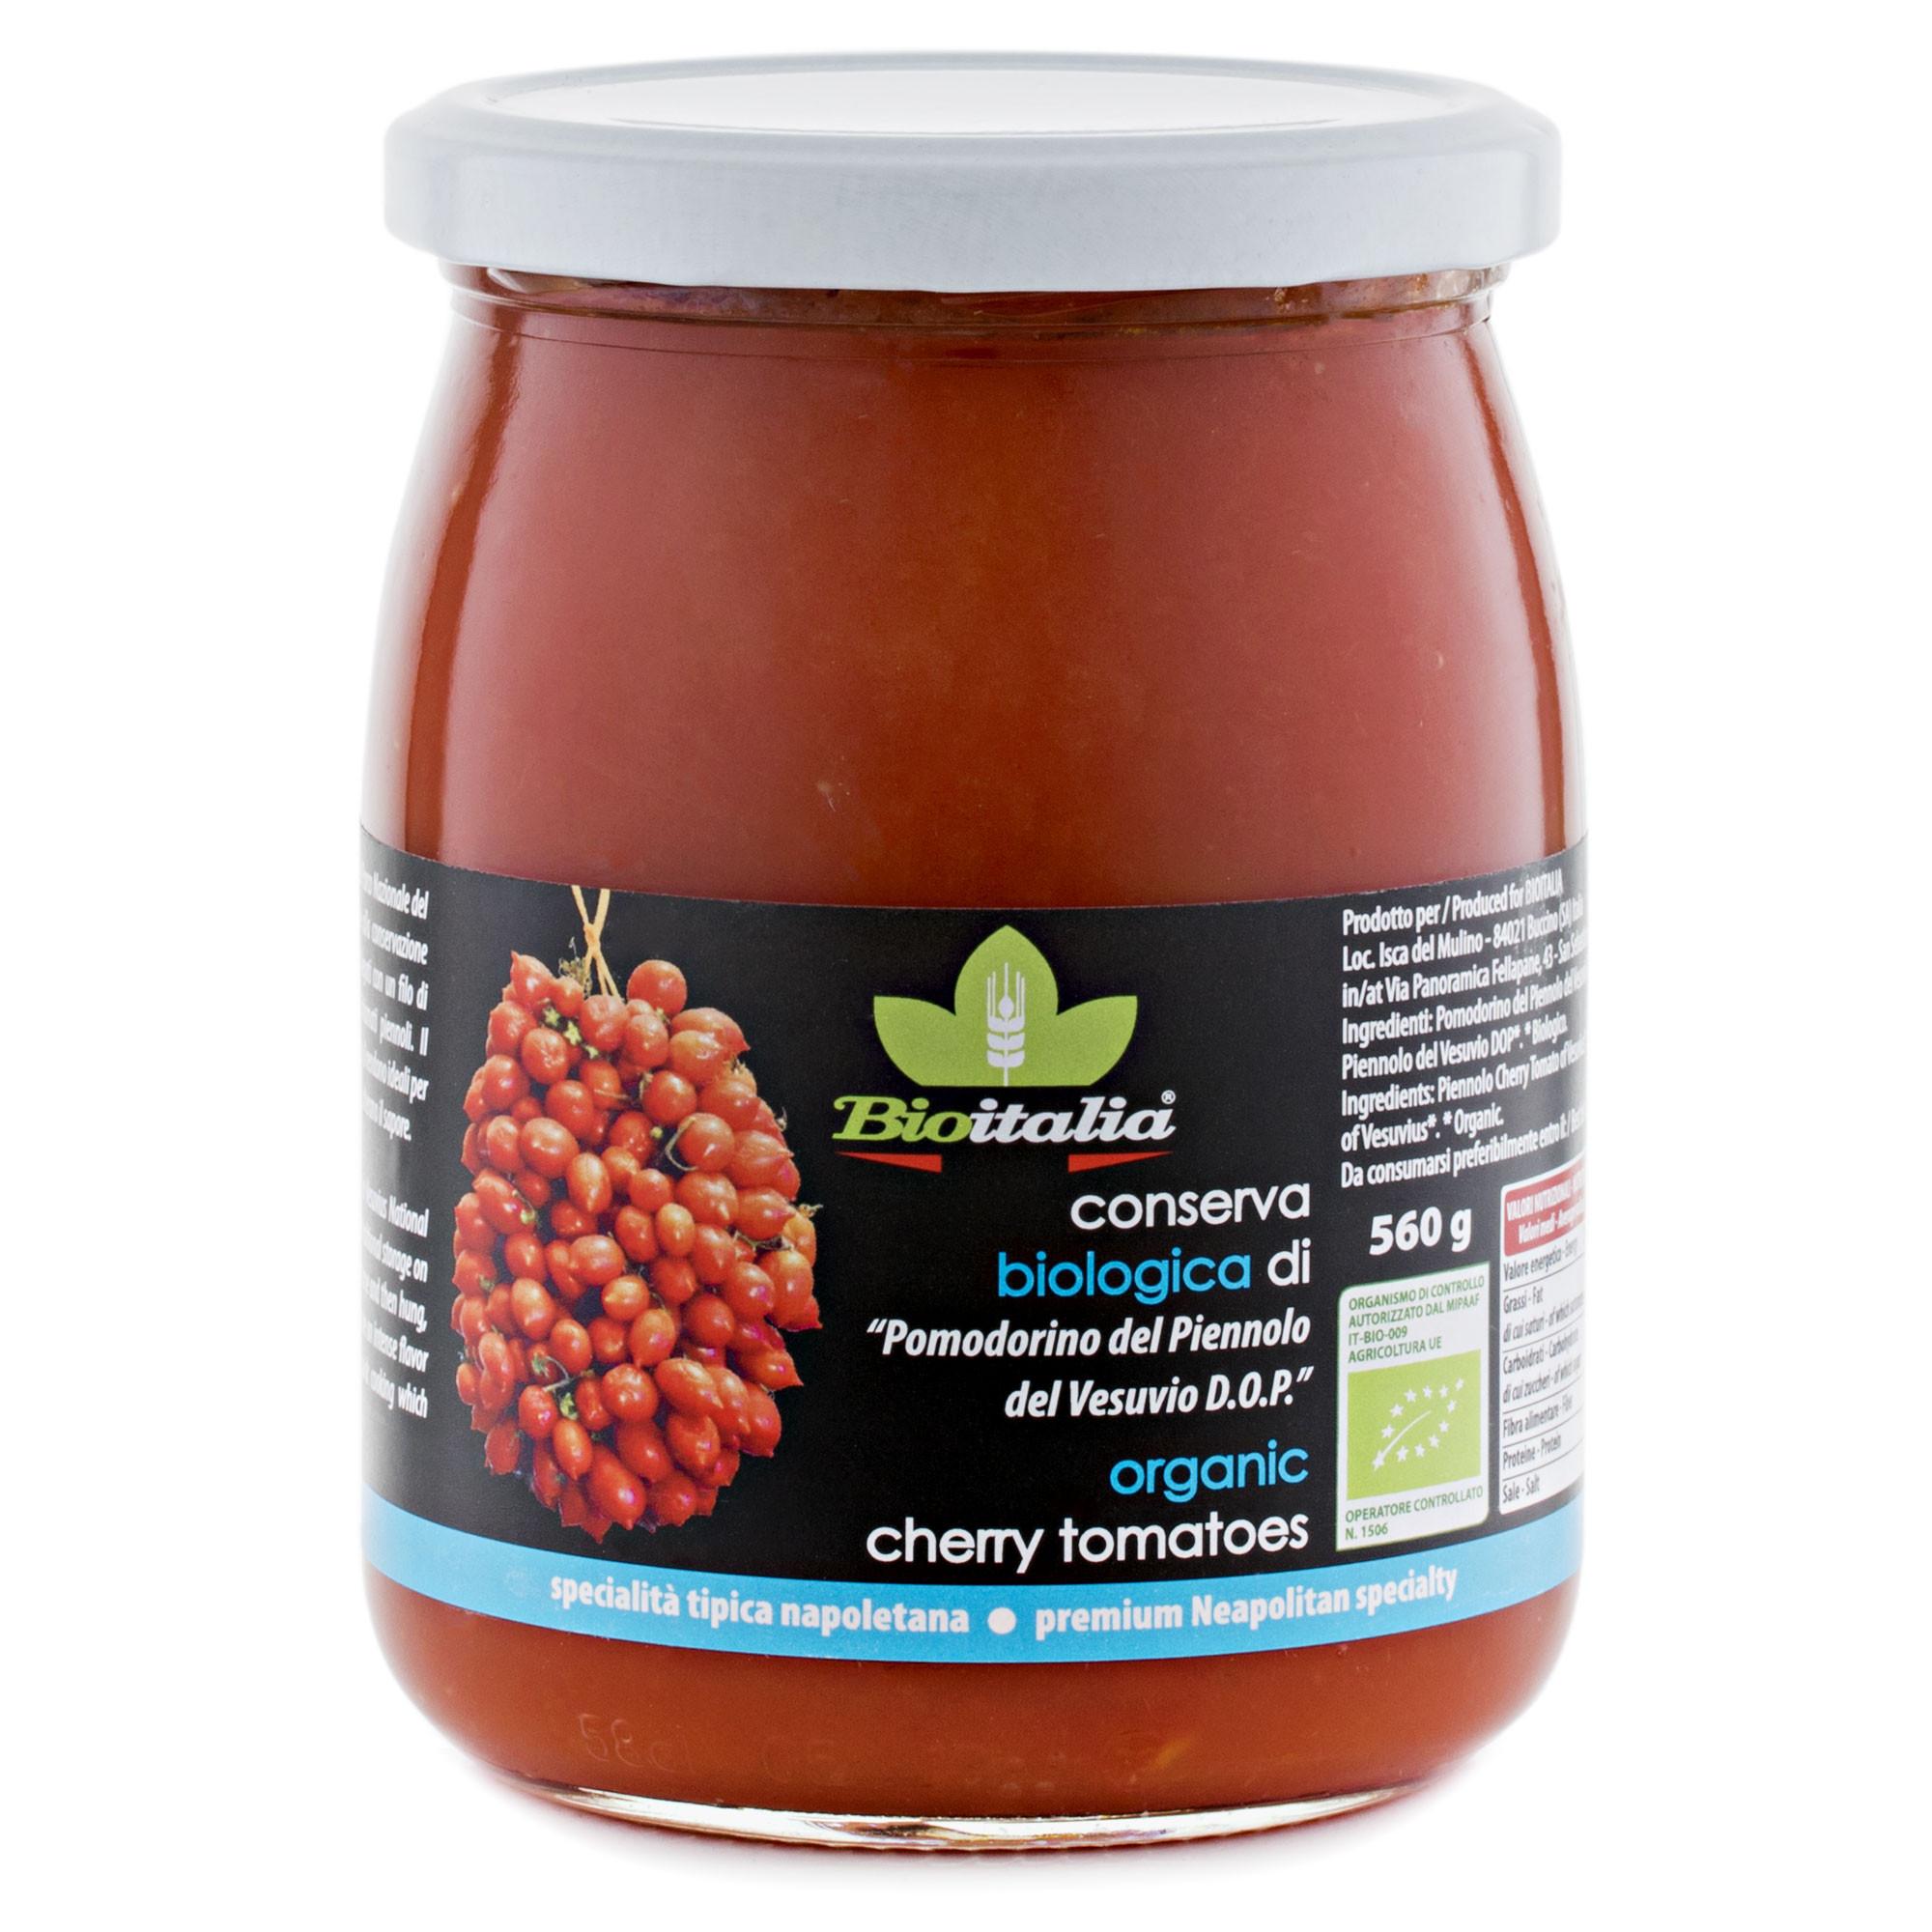 Piennolo cherry tomatoes of Vesuvius PDO - BioItalia